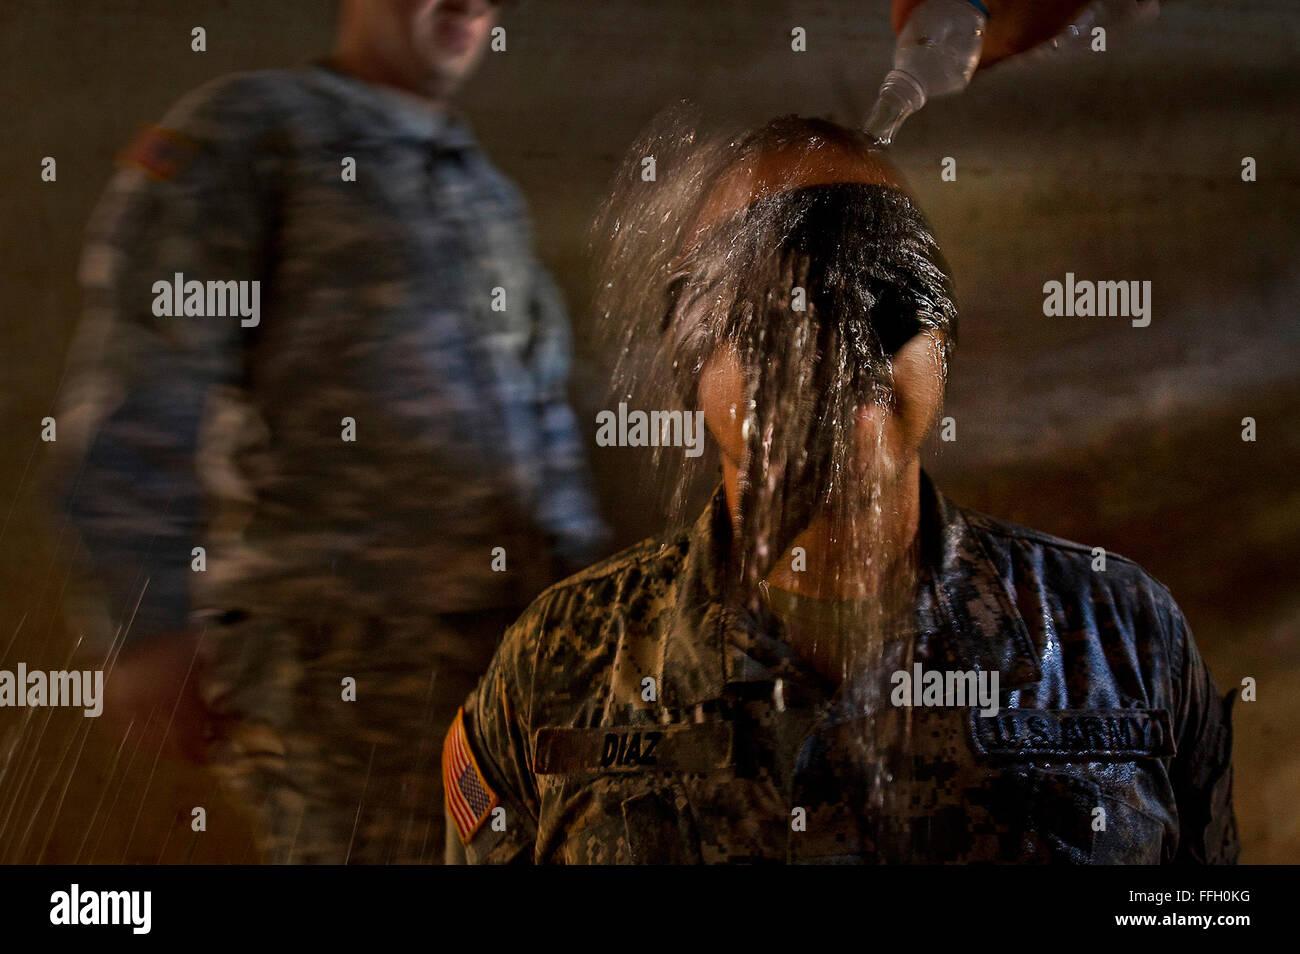 Ice Written Stockfotos & Ice Written Bilder - Alamy